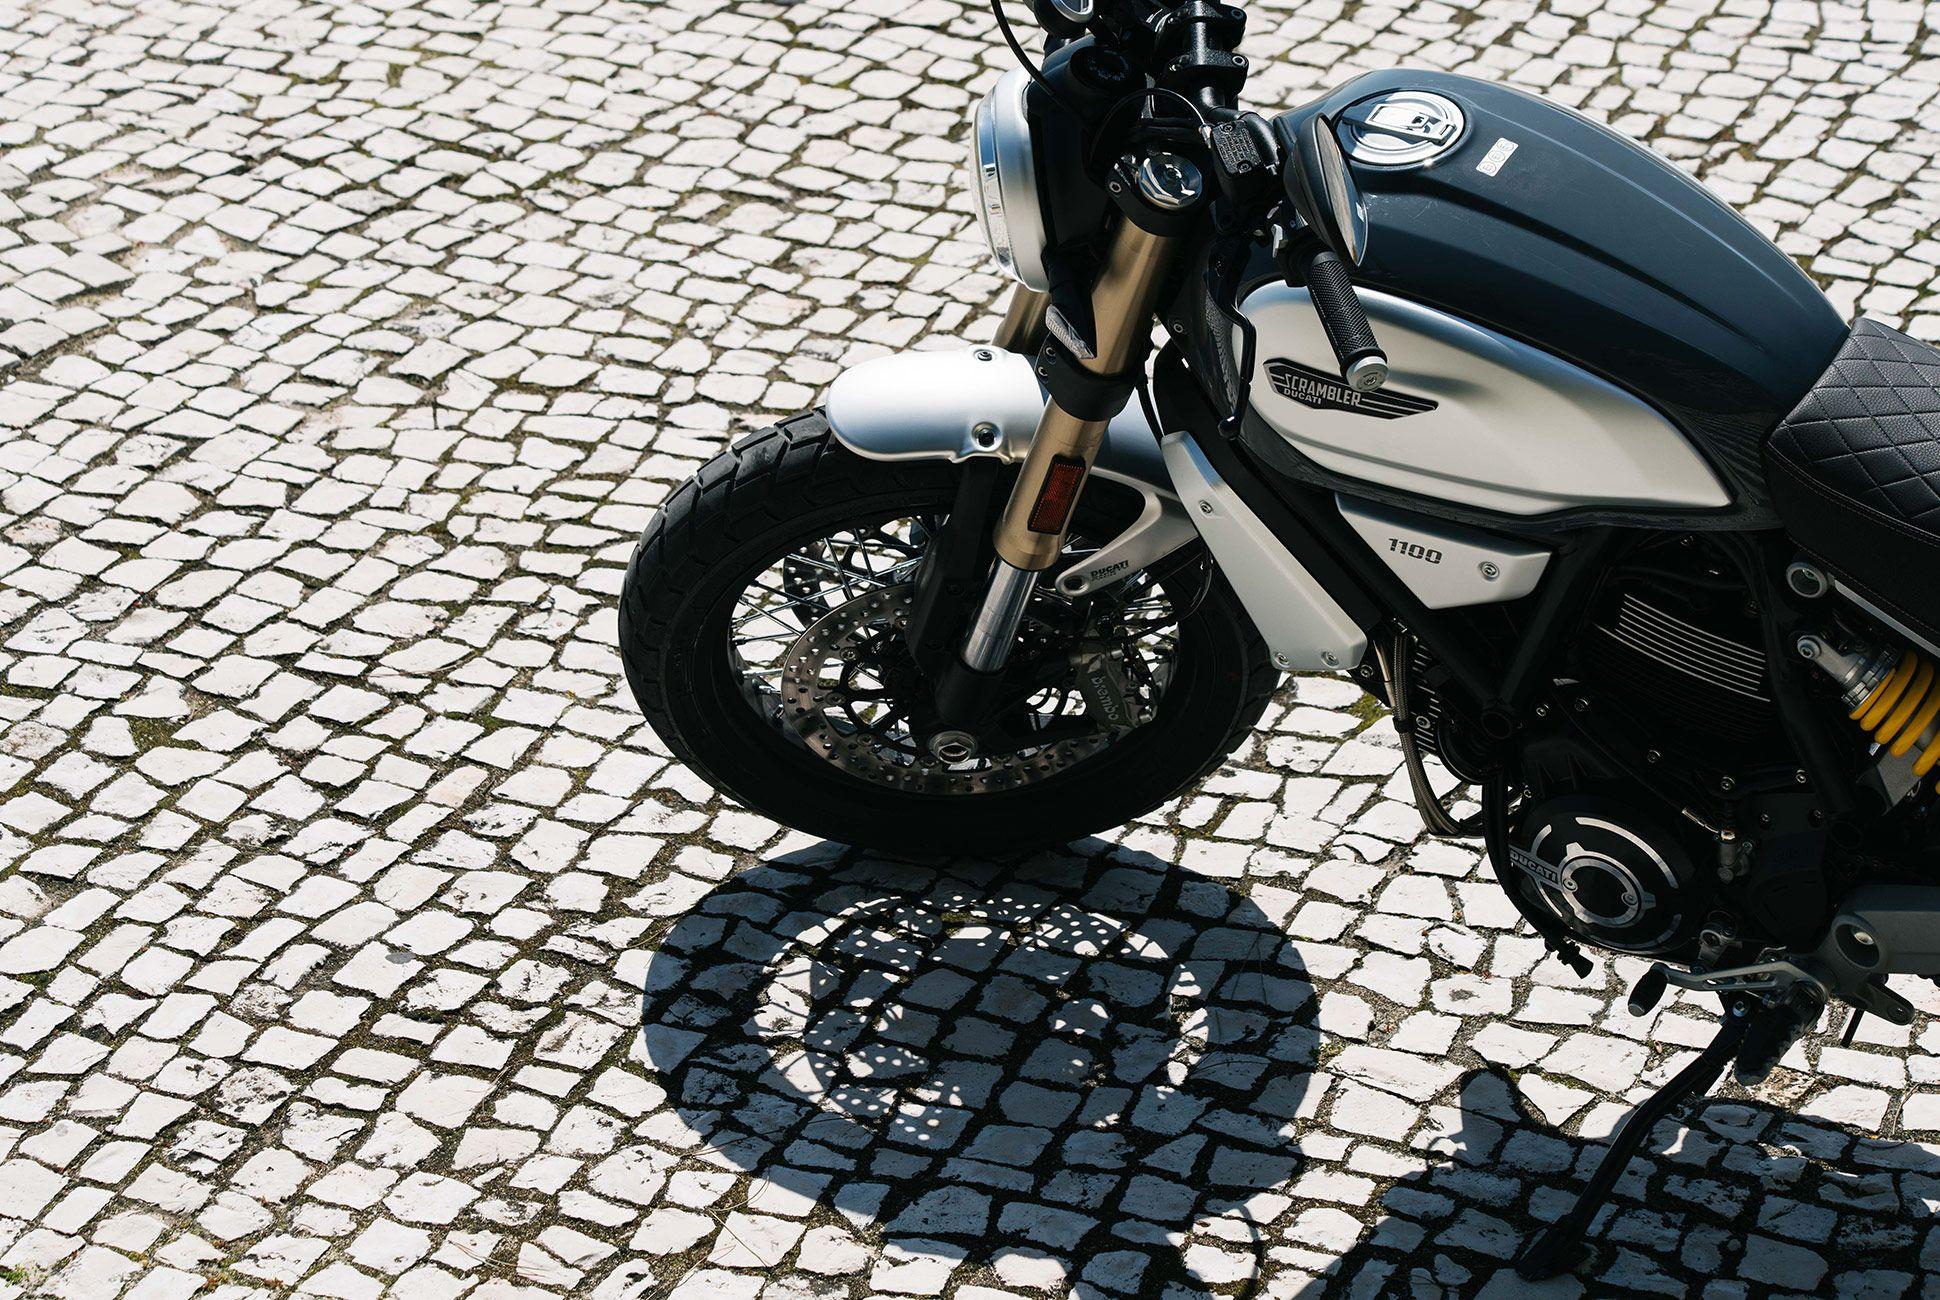 Ducati-Scrambler-1100-gear-patrol-slide-4